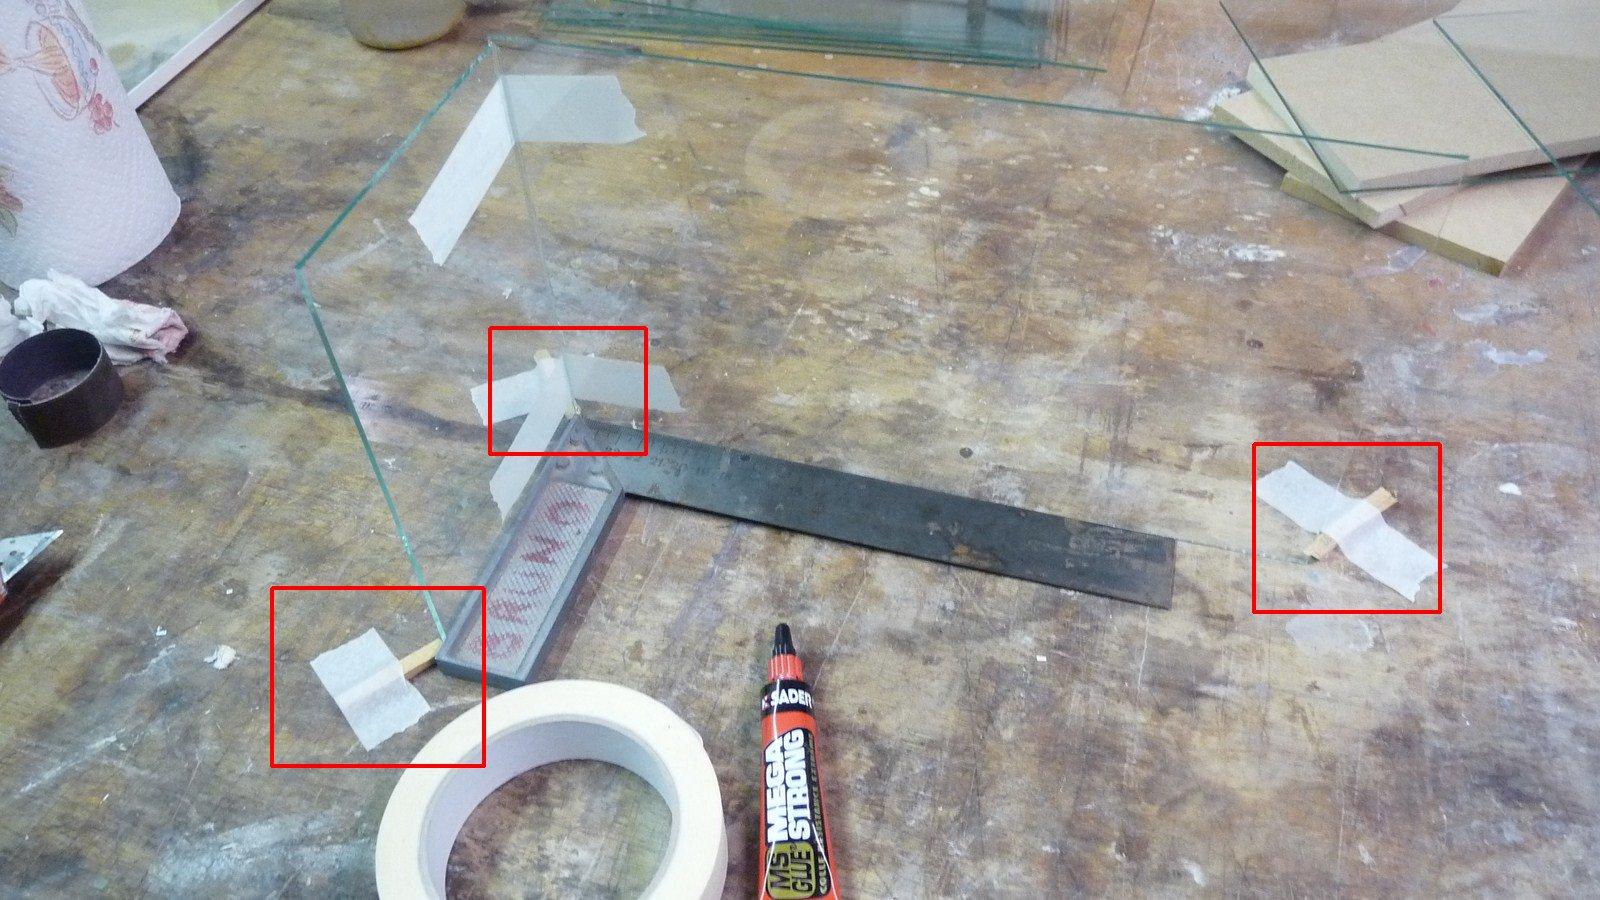 fabriquer une vitrine - Fabriquer ses propres vitrines en verre 17071907263223134915156545